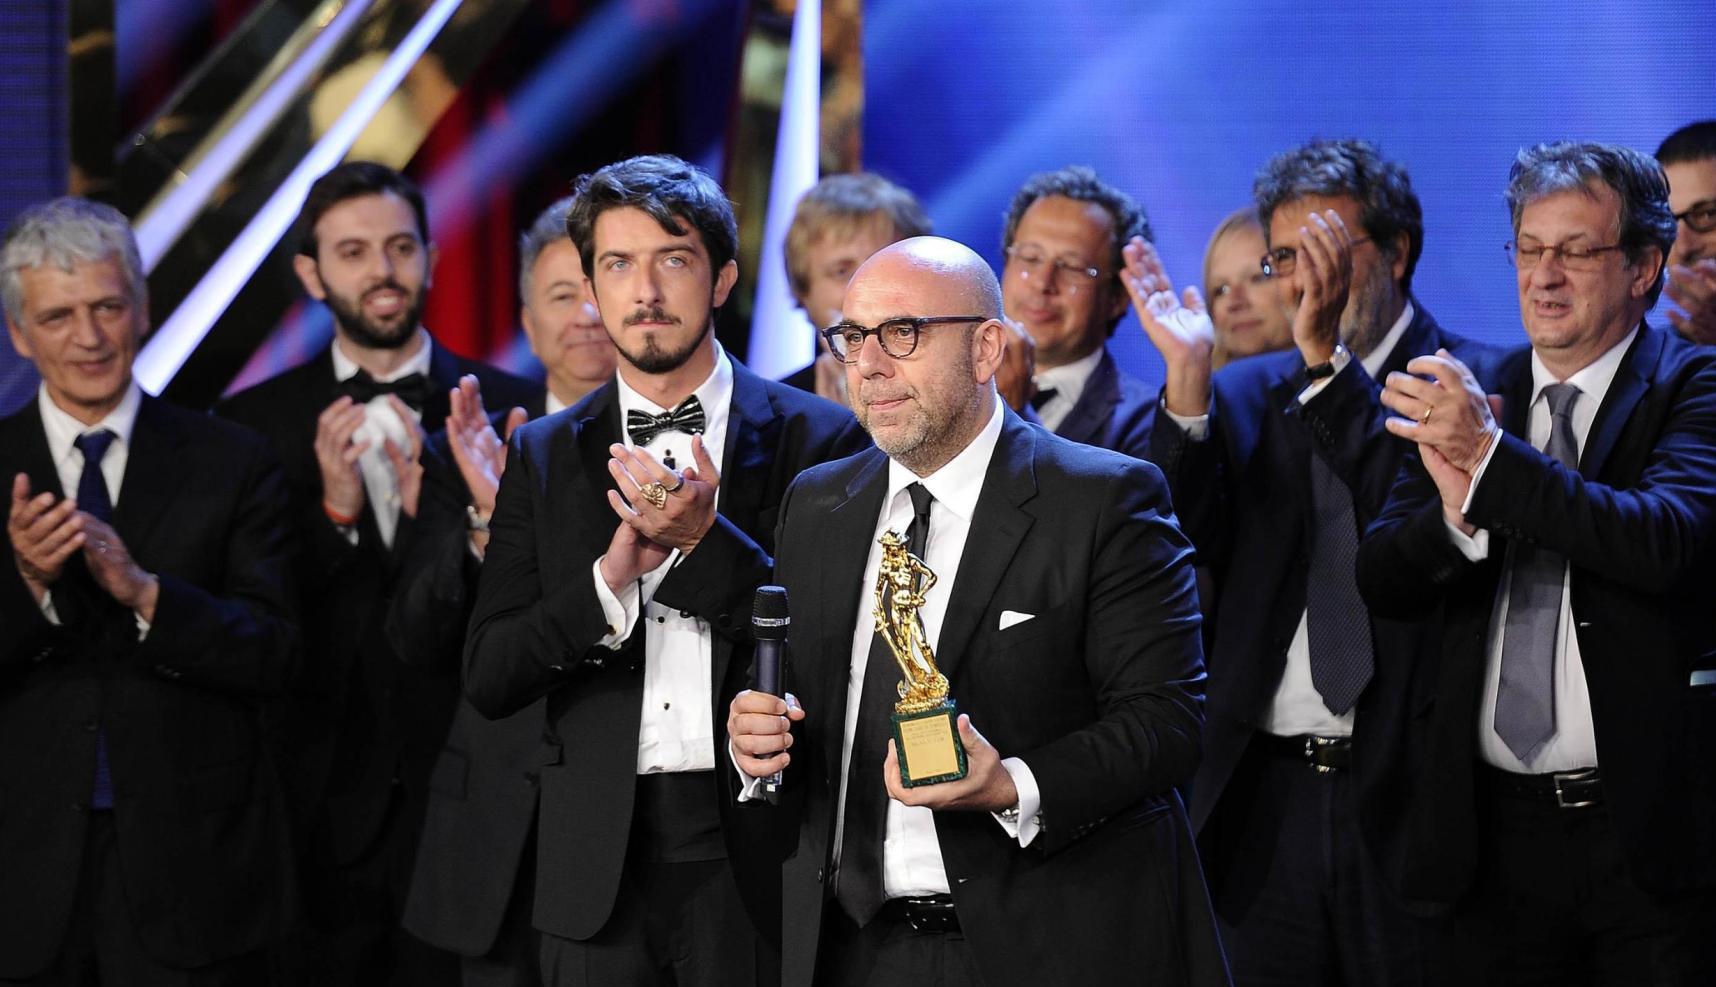 David di Donatello 2017, i vincitori: La Pazza Gioia miglior film